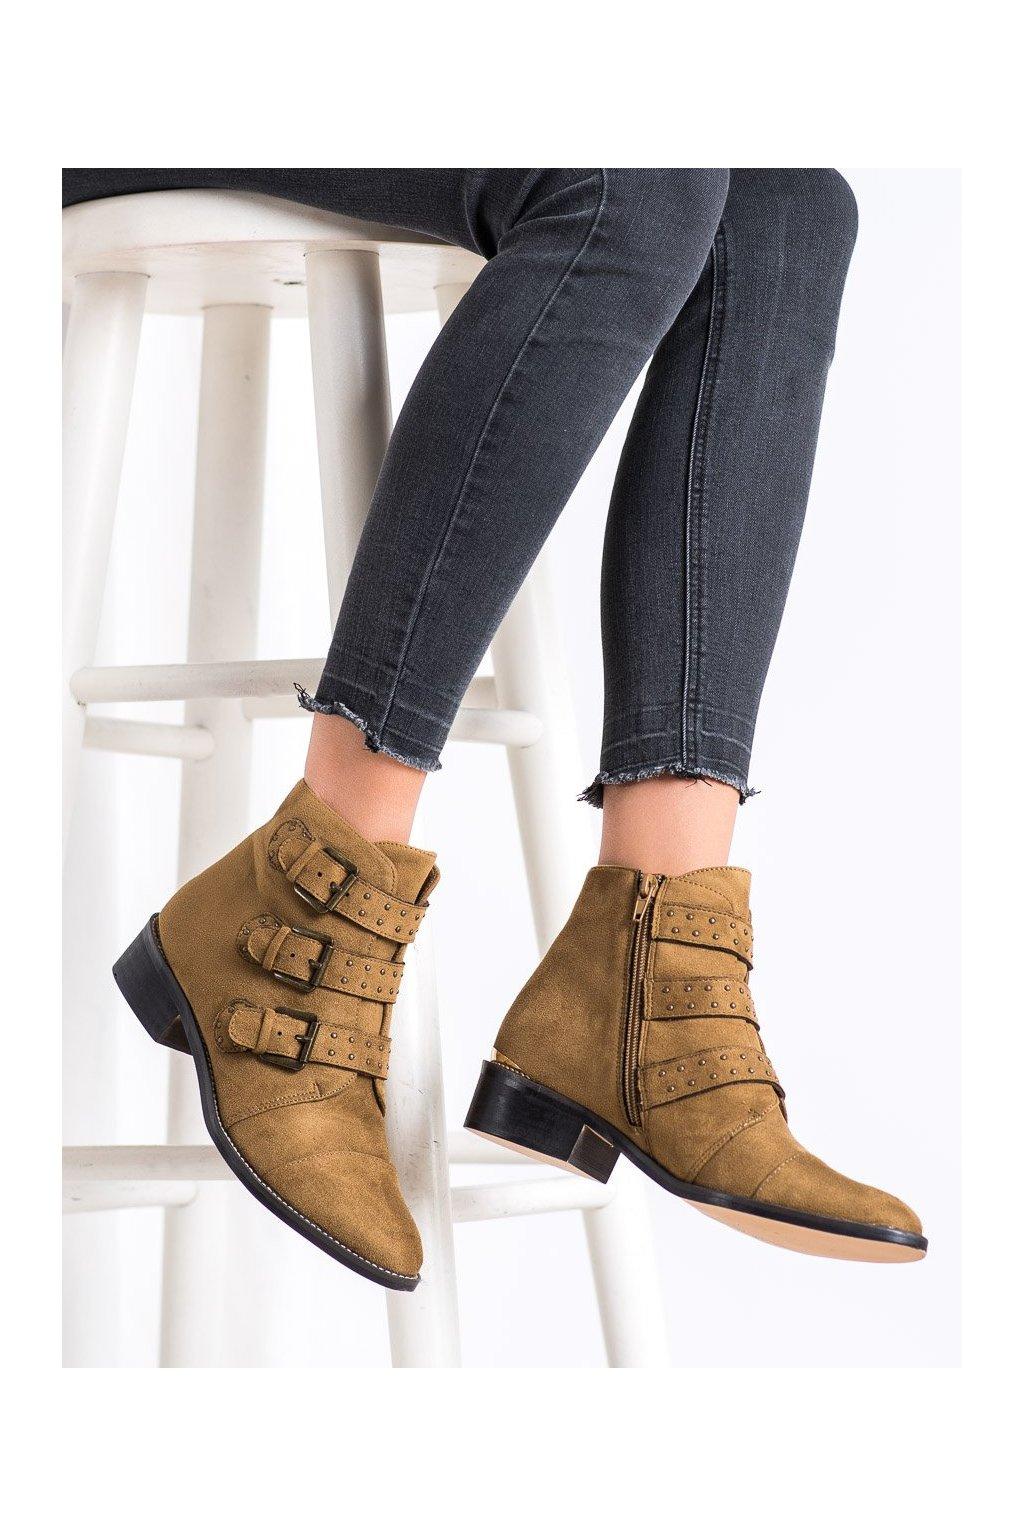 Hnedé dámske topánky Corina kod C9681C